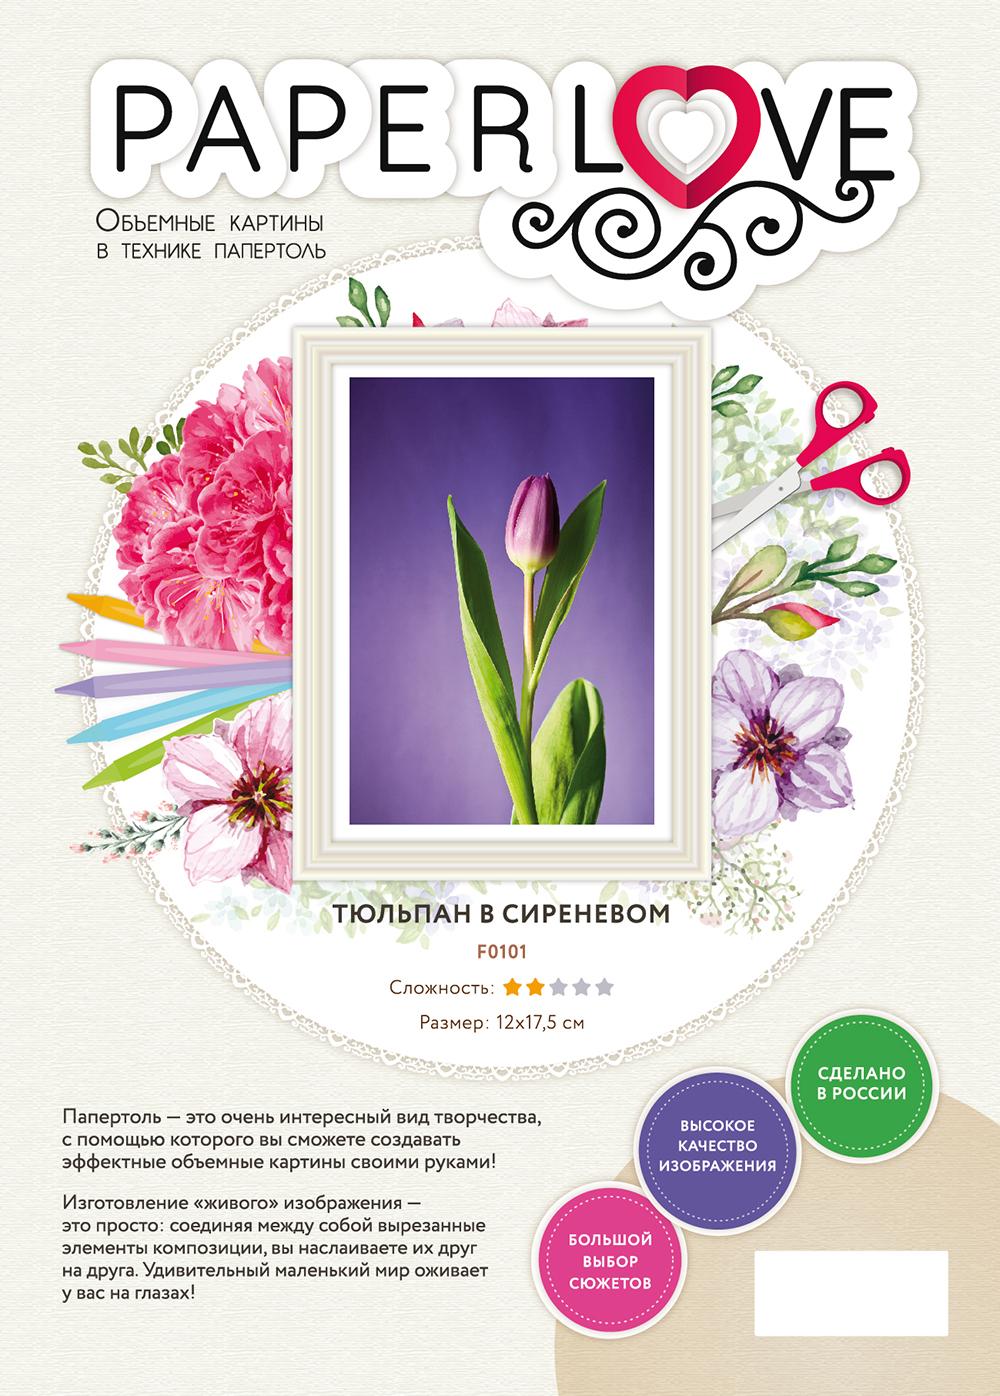 Папертоль Тюльпан в сиреневом — фото обложки.